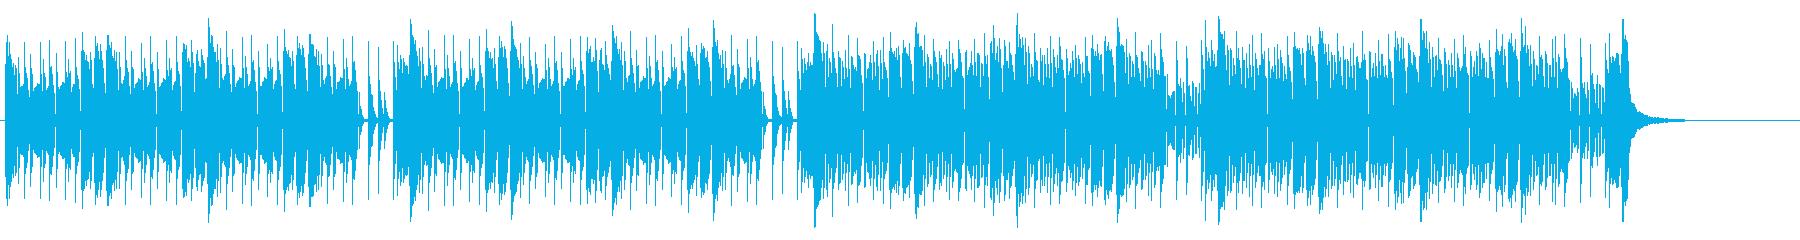 緊張感のあるEDM調バトル曲の再生済みの波形